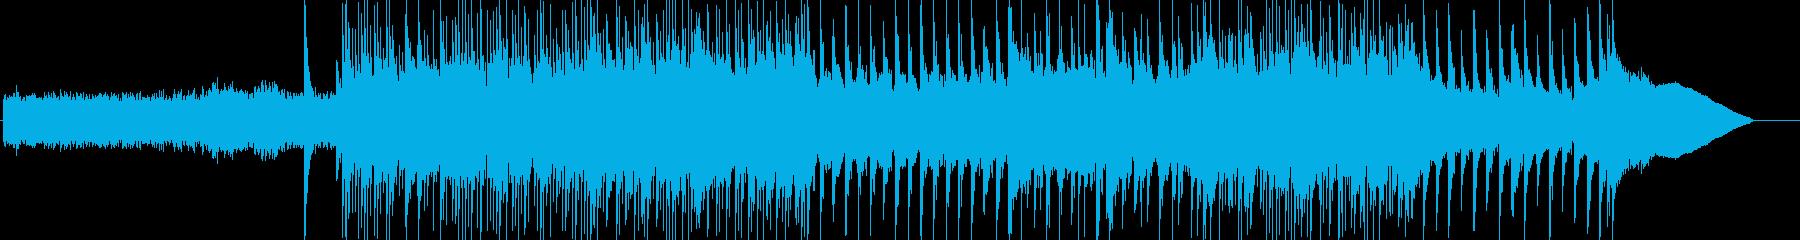 始まりを予感させてくれるようなBGMの再生済みの波形